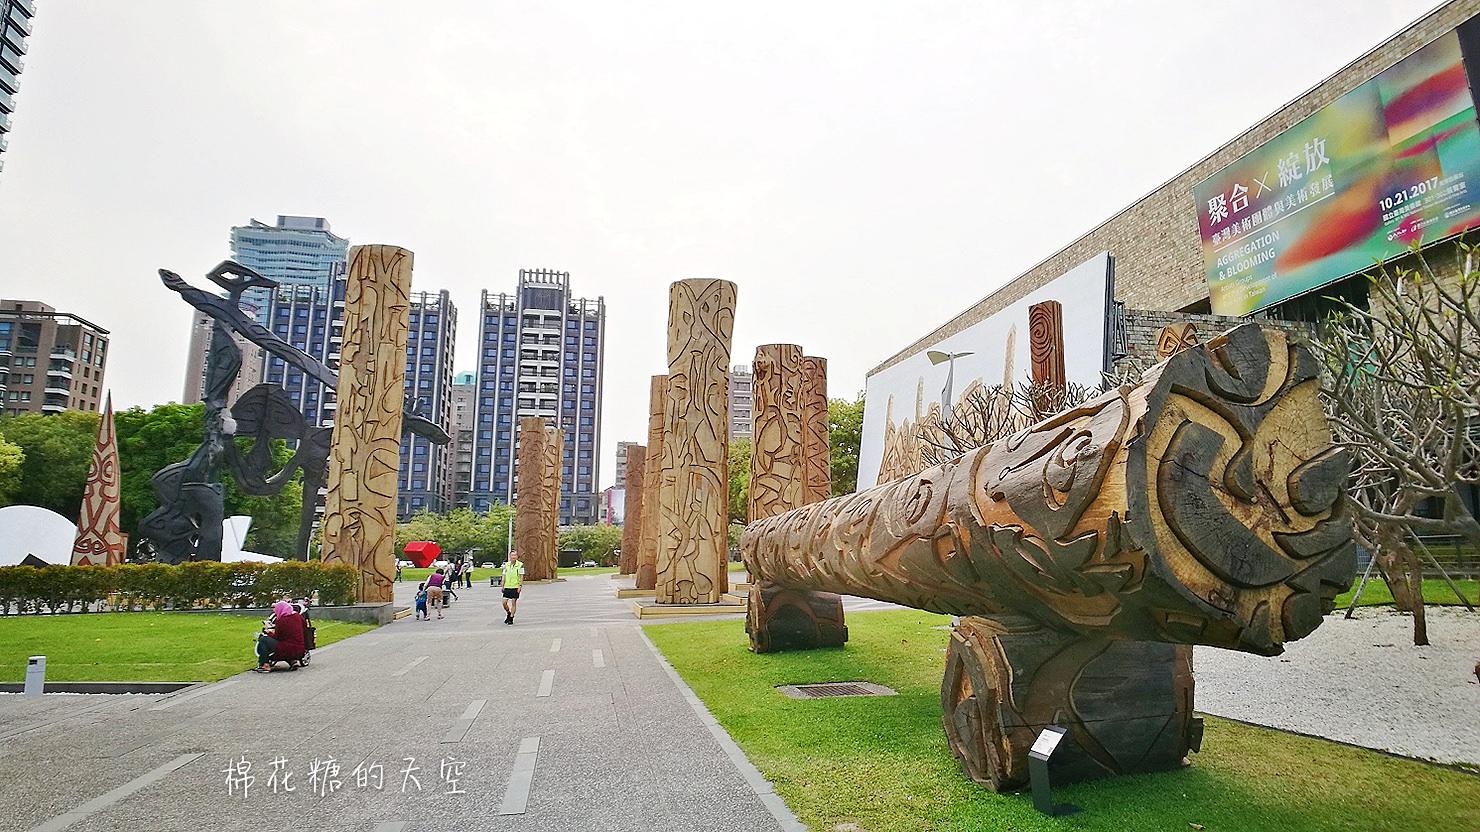 20180319190457 63 - 國立美術館被外星人佔據了?!五層樓高巨型雕塑被巨木圍繞好像電影場景!吳炫三回顧展